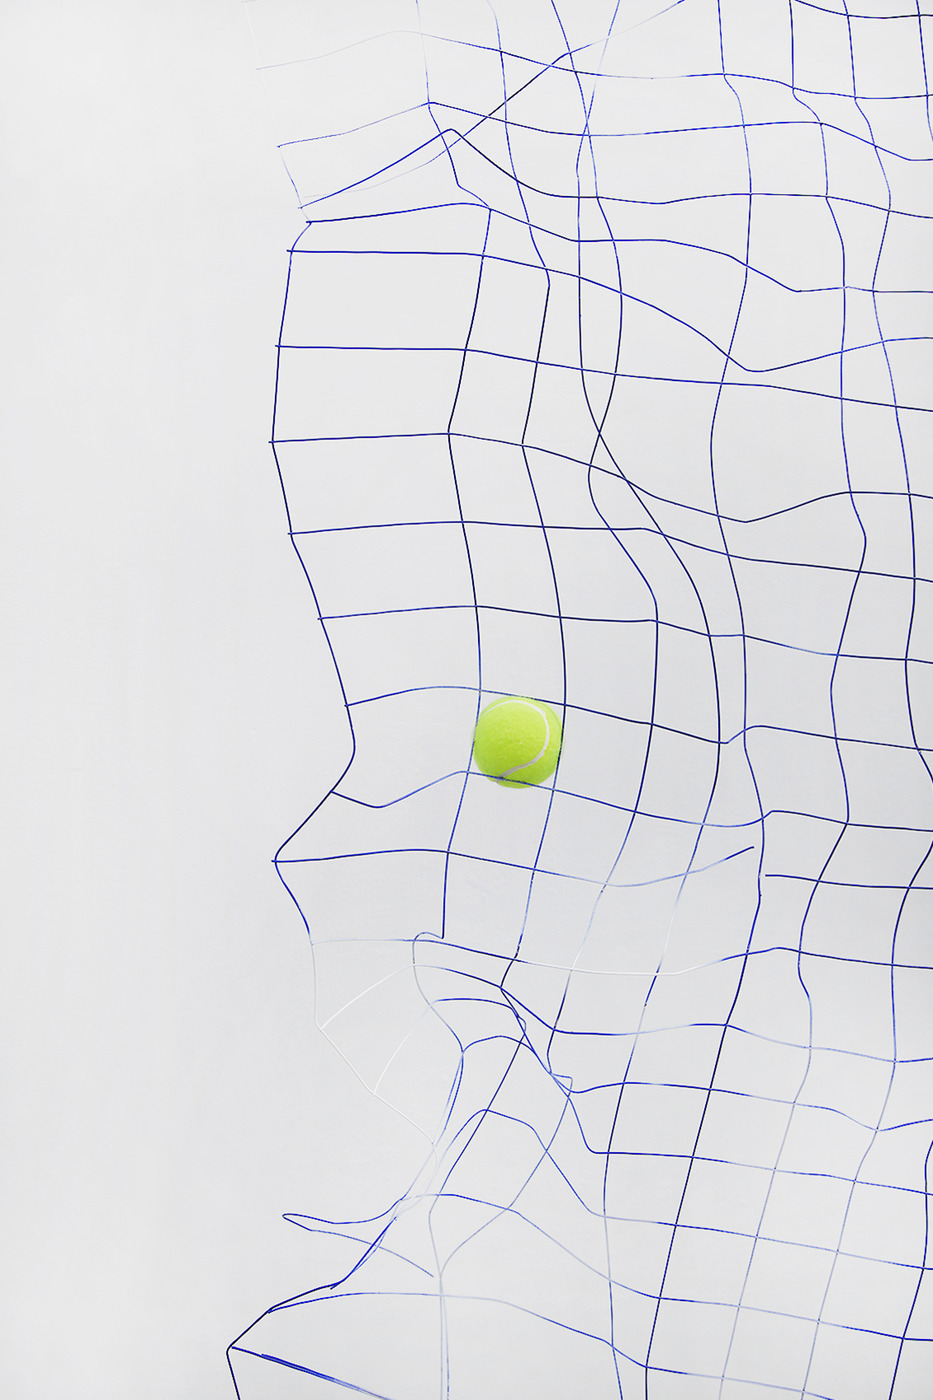 07-Topographic mesh03